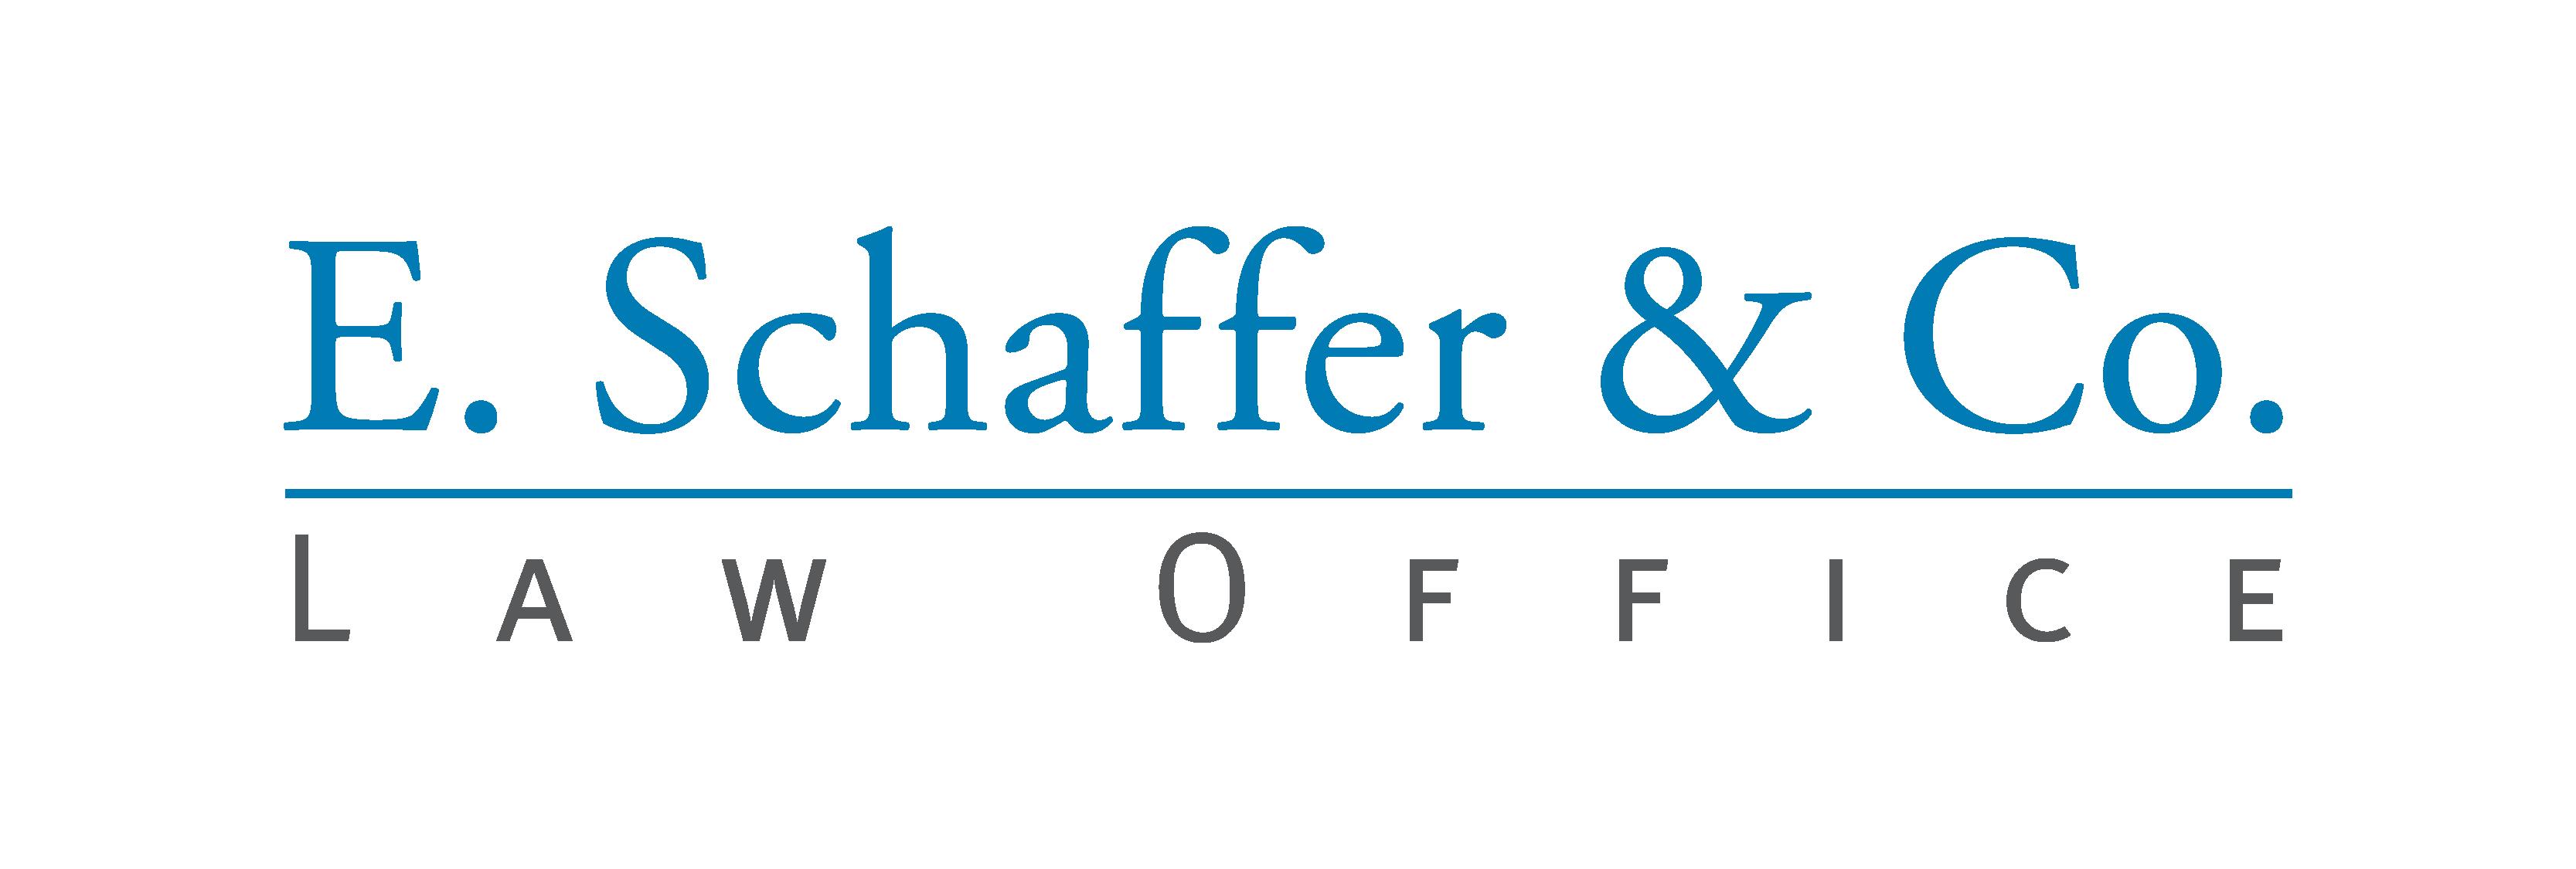 E. Schaffer & Co